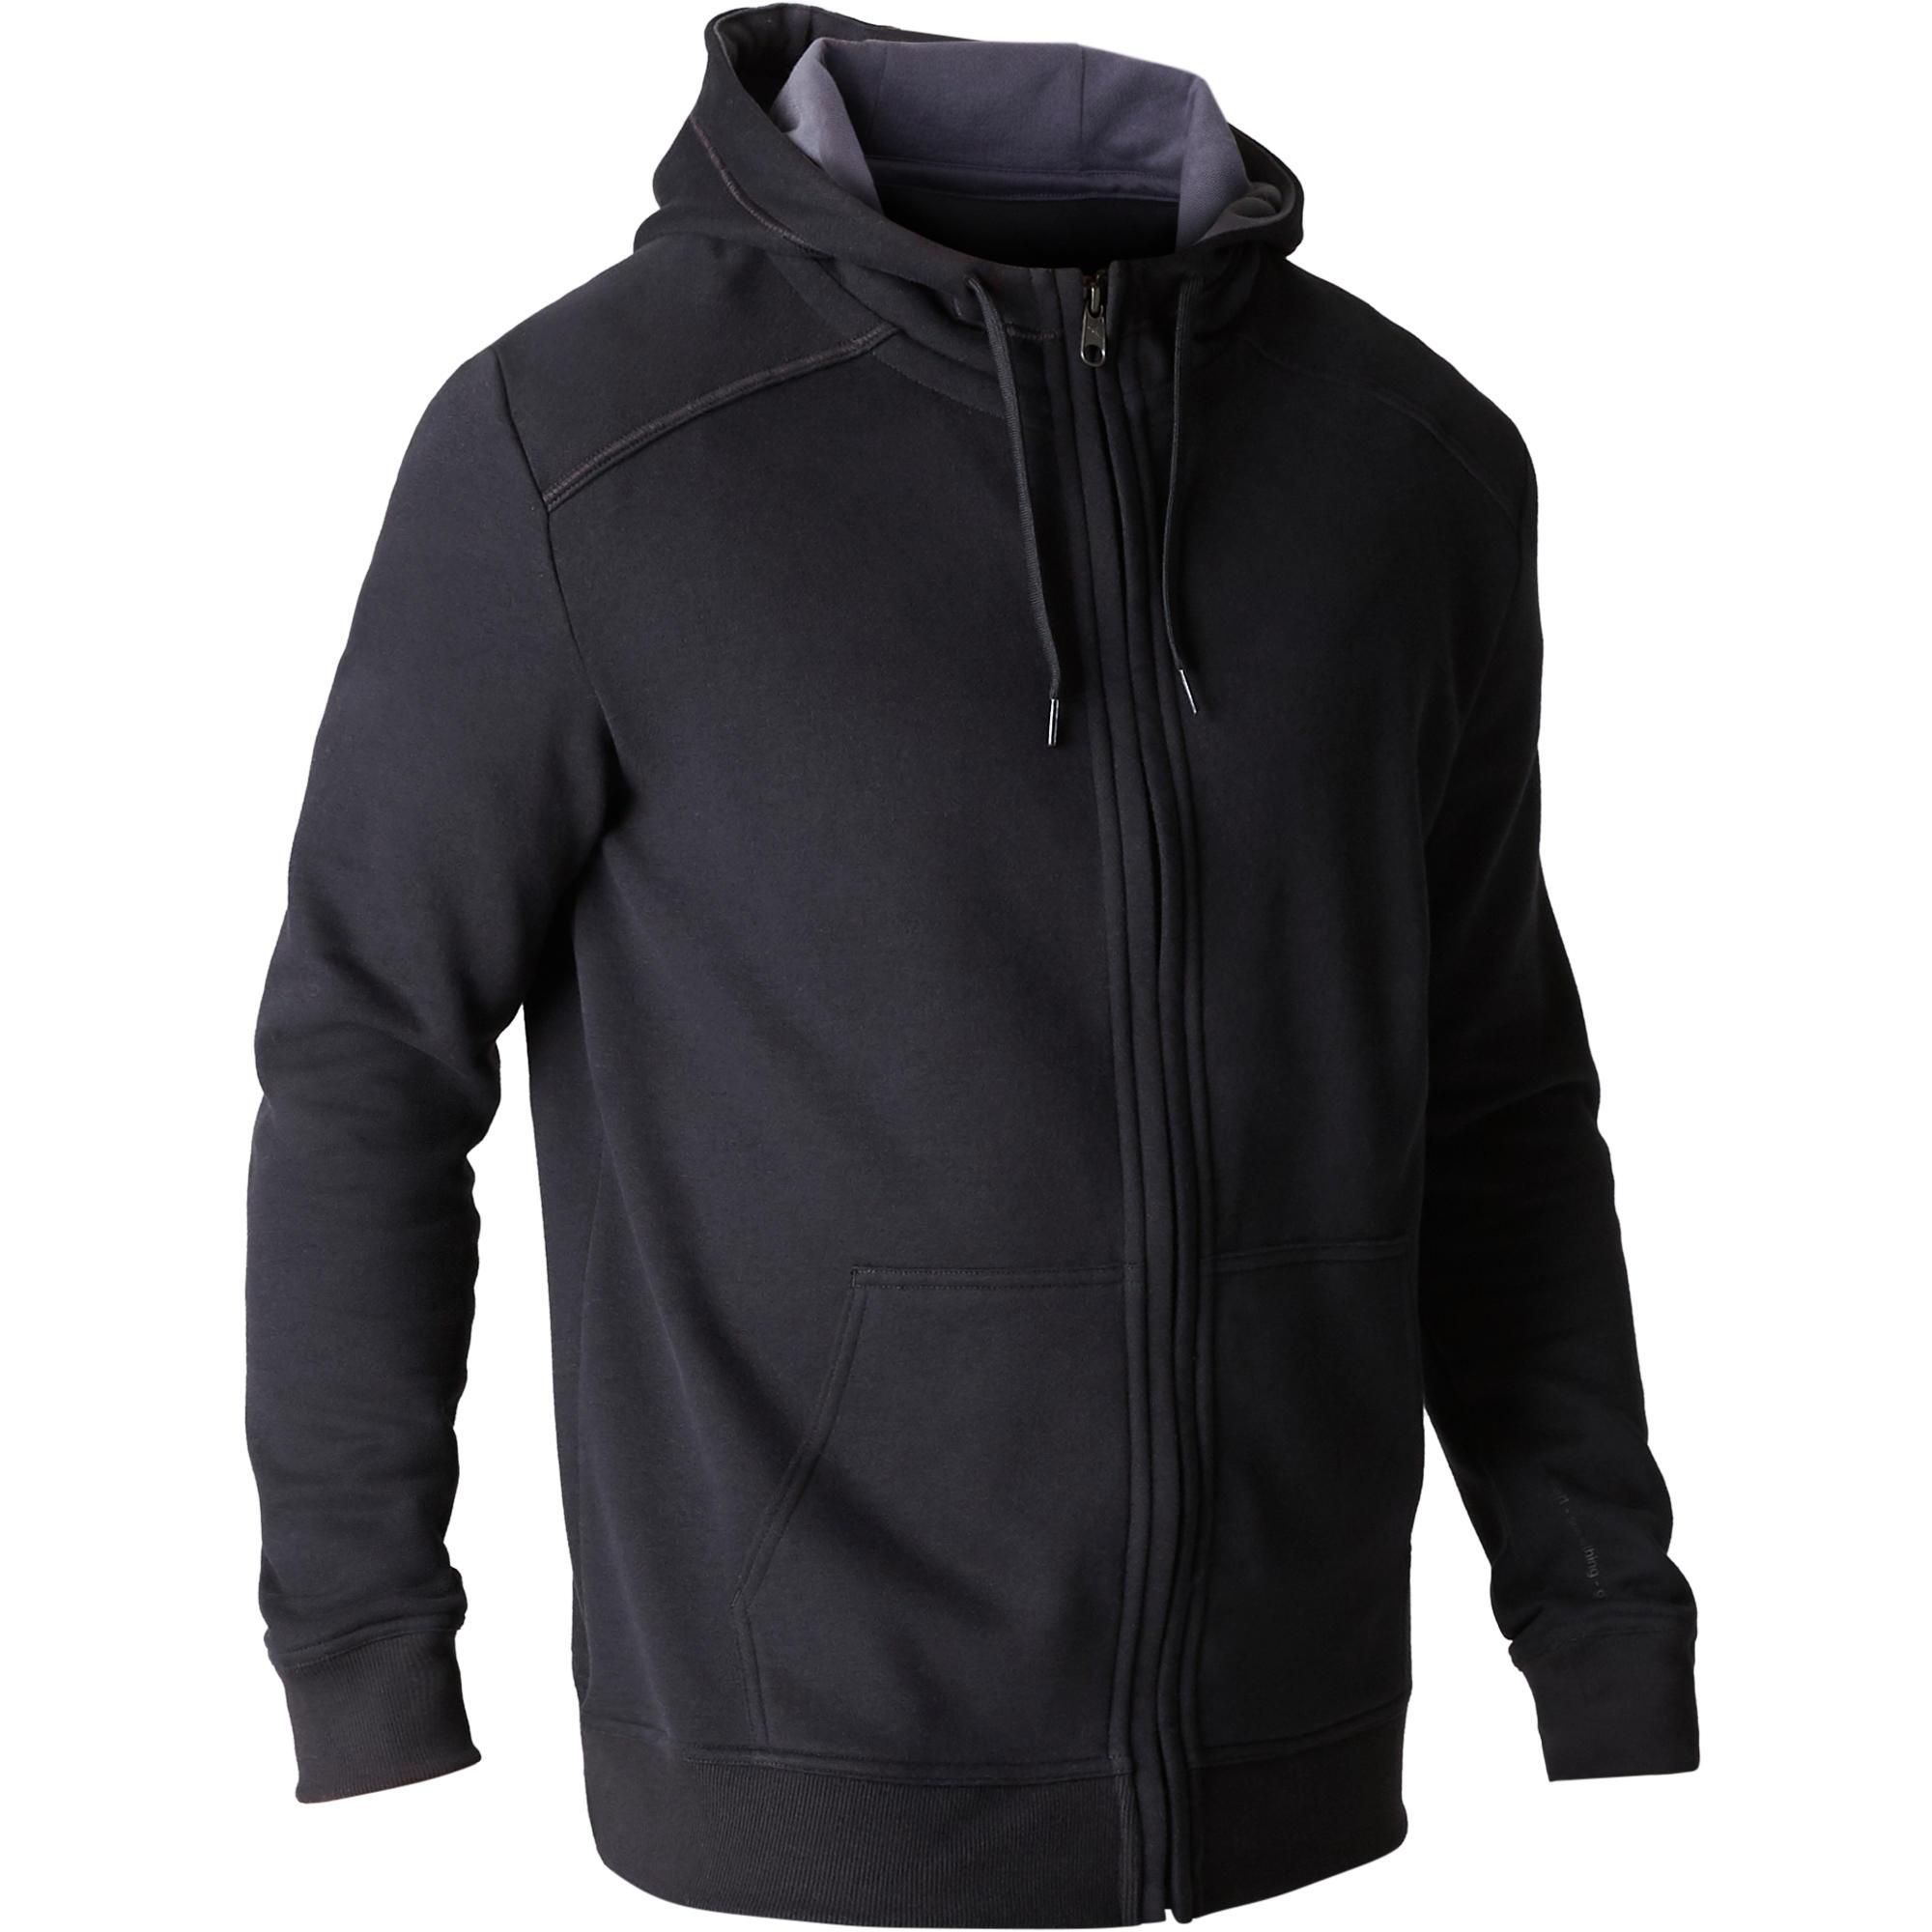 Veste 900 capuche gymnastique d'étirement noir homme